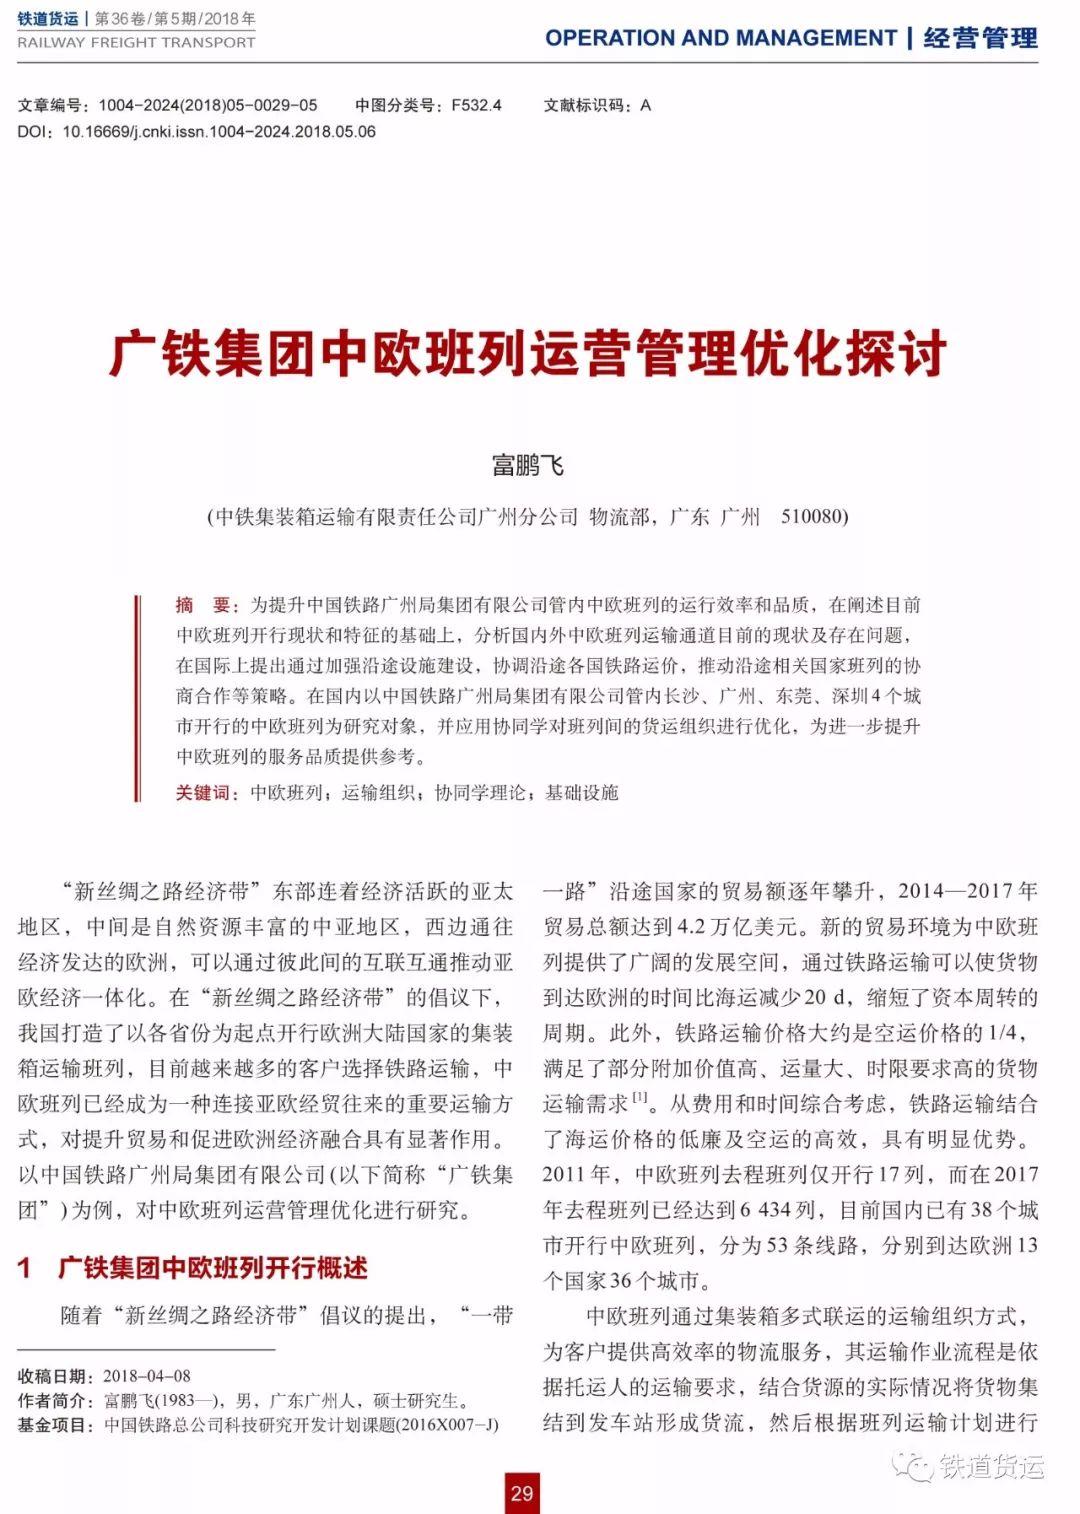 广铁集团中欧班列运营管理优化探讨